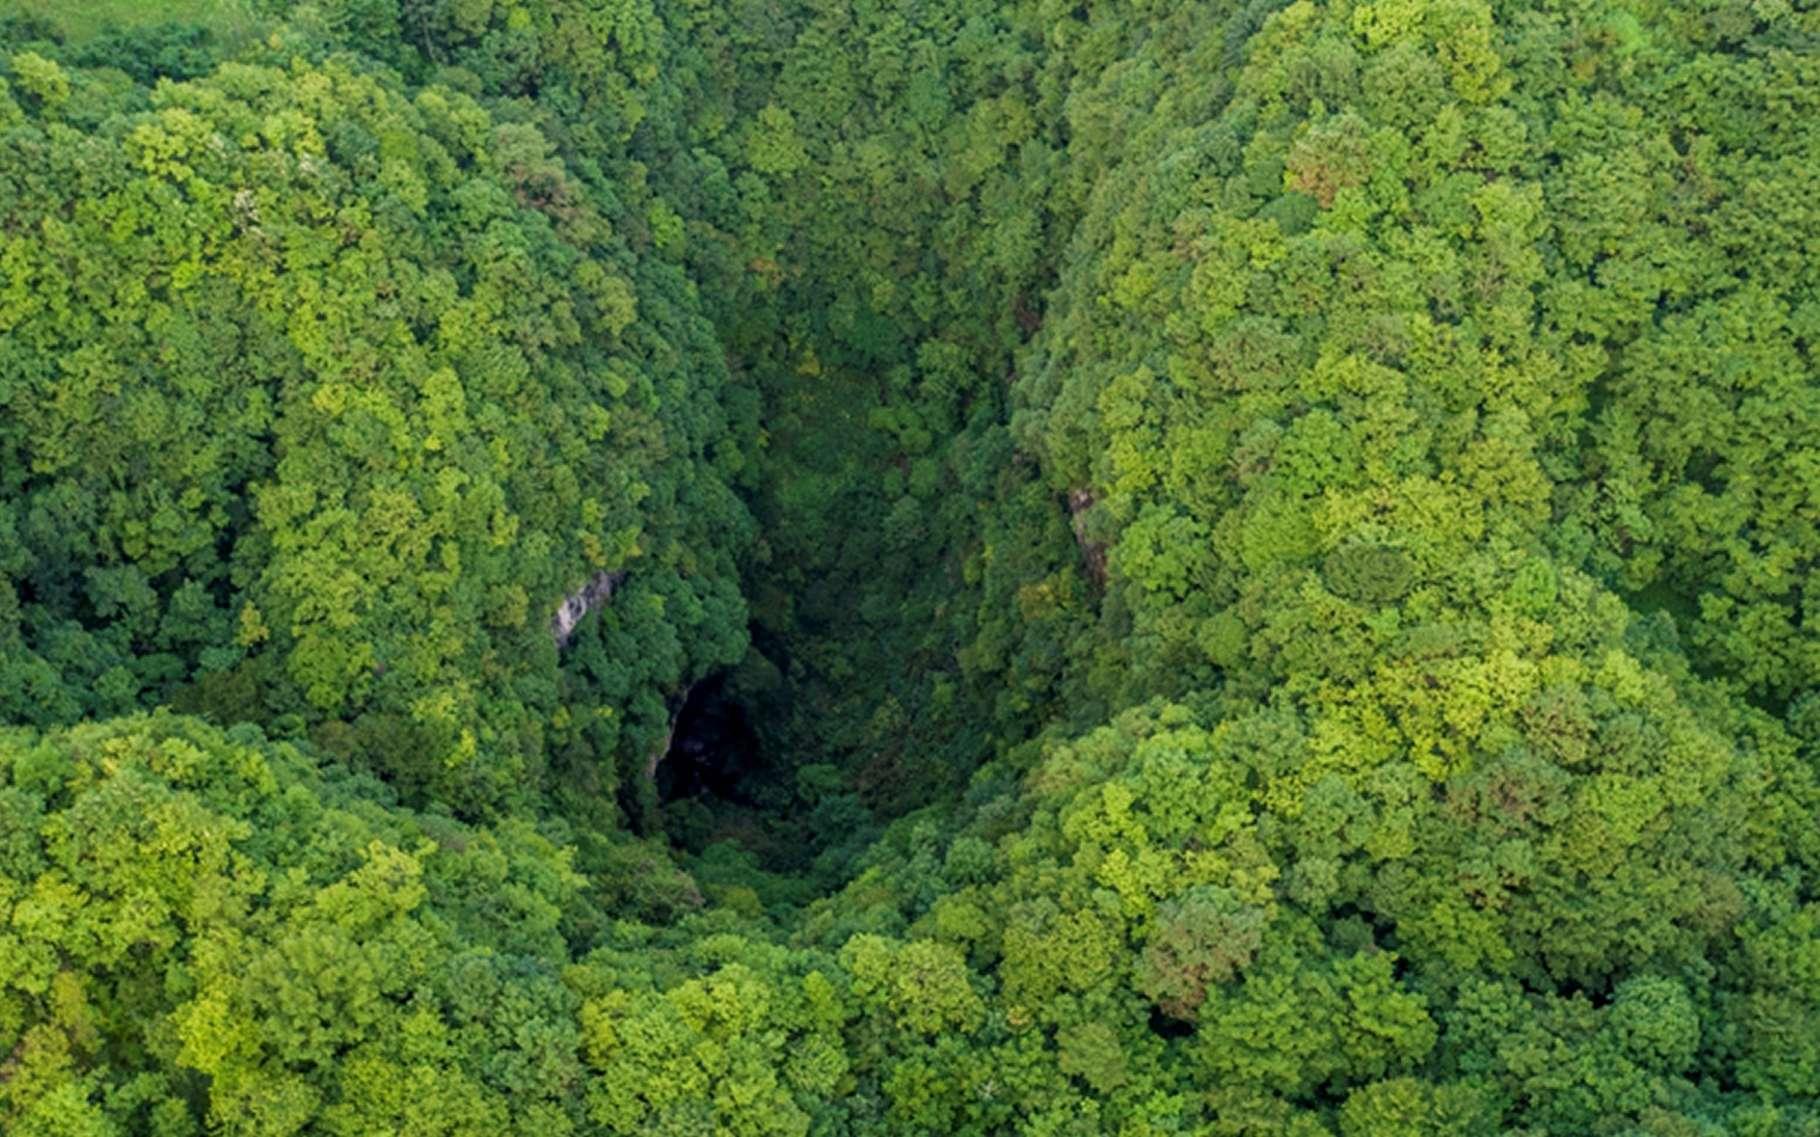 Ces gouffres découverts en Chine se trouvent dans une forêt humide et, difficilement accessibles, abritent une biodiversité préservée. © Ma Lie in Xi'an, Chinadaily.com.cn